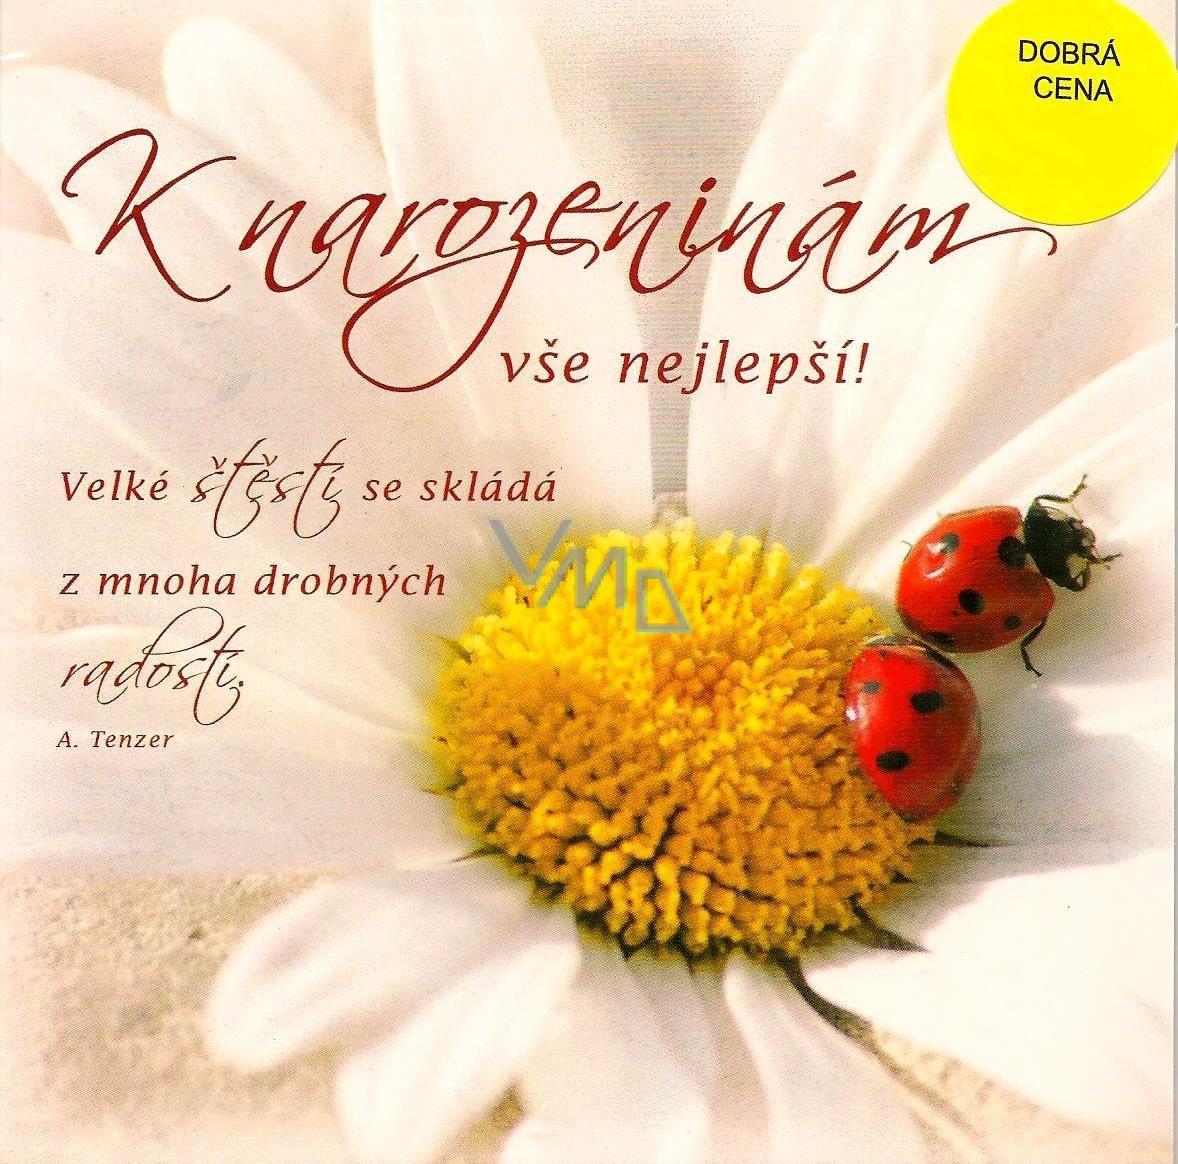 slogany k narozeninám Nekupto Přání k narozeninám 2 berušky   VMD parfumerie   drogerie slogany k narozeninám